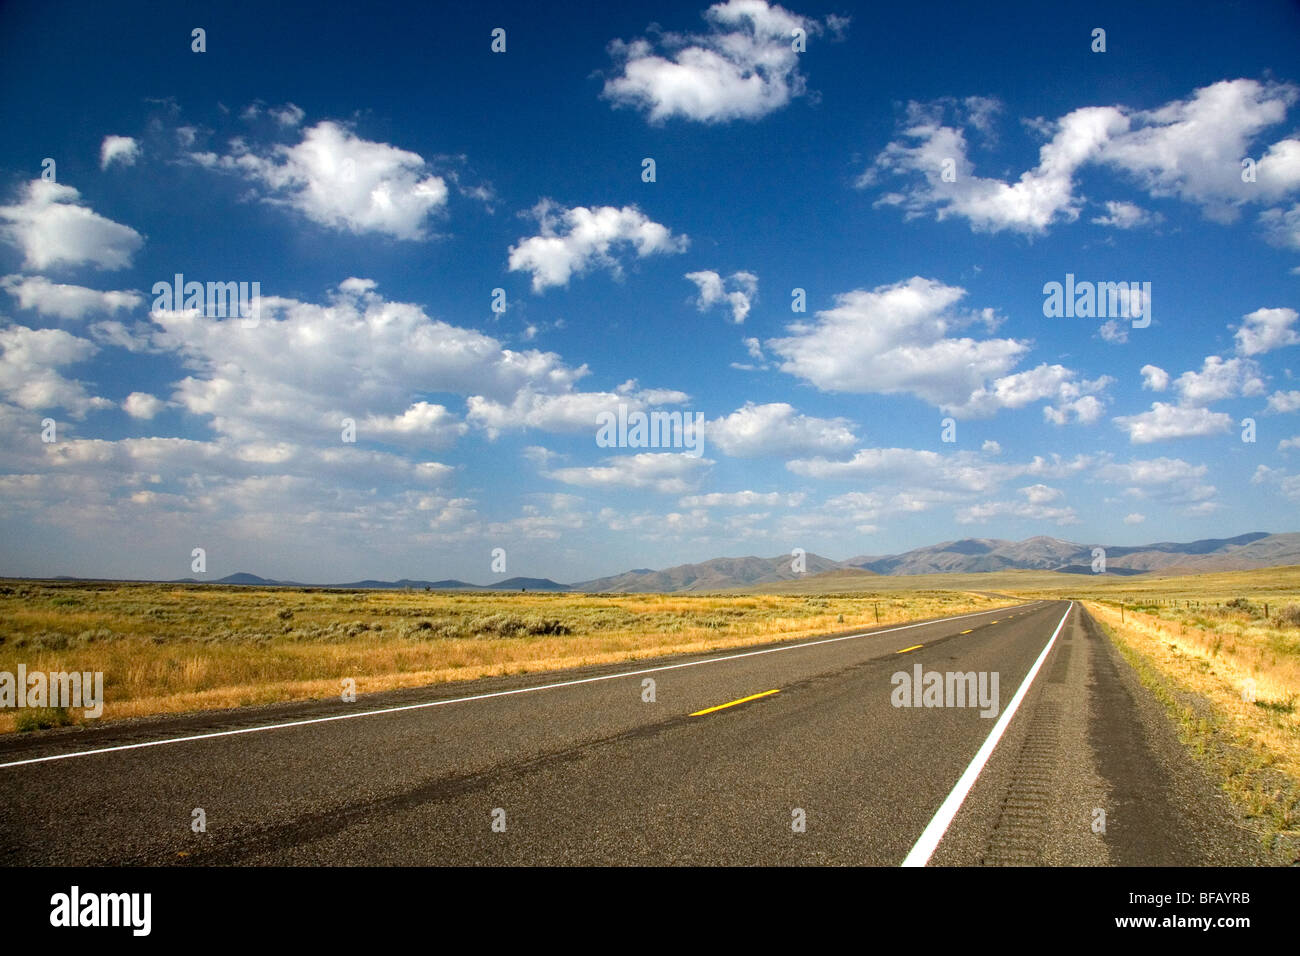 US Highway 20 near Arco, Idaho, USA. Stock Photo